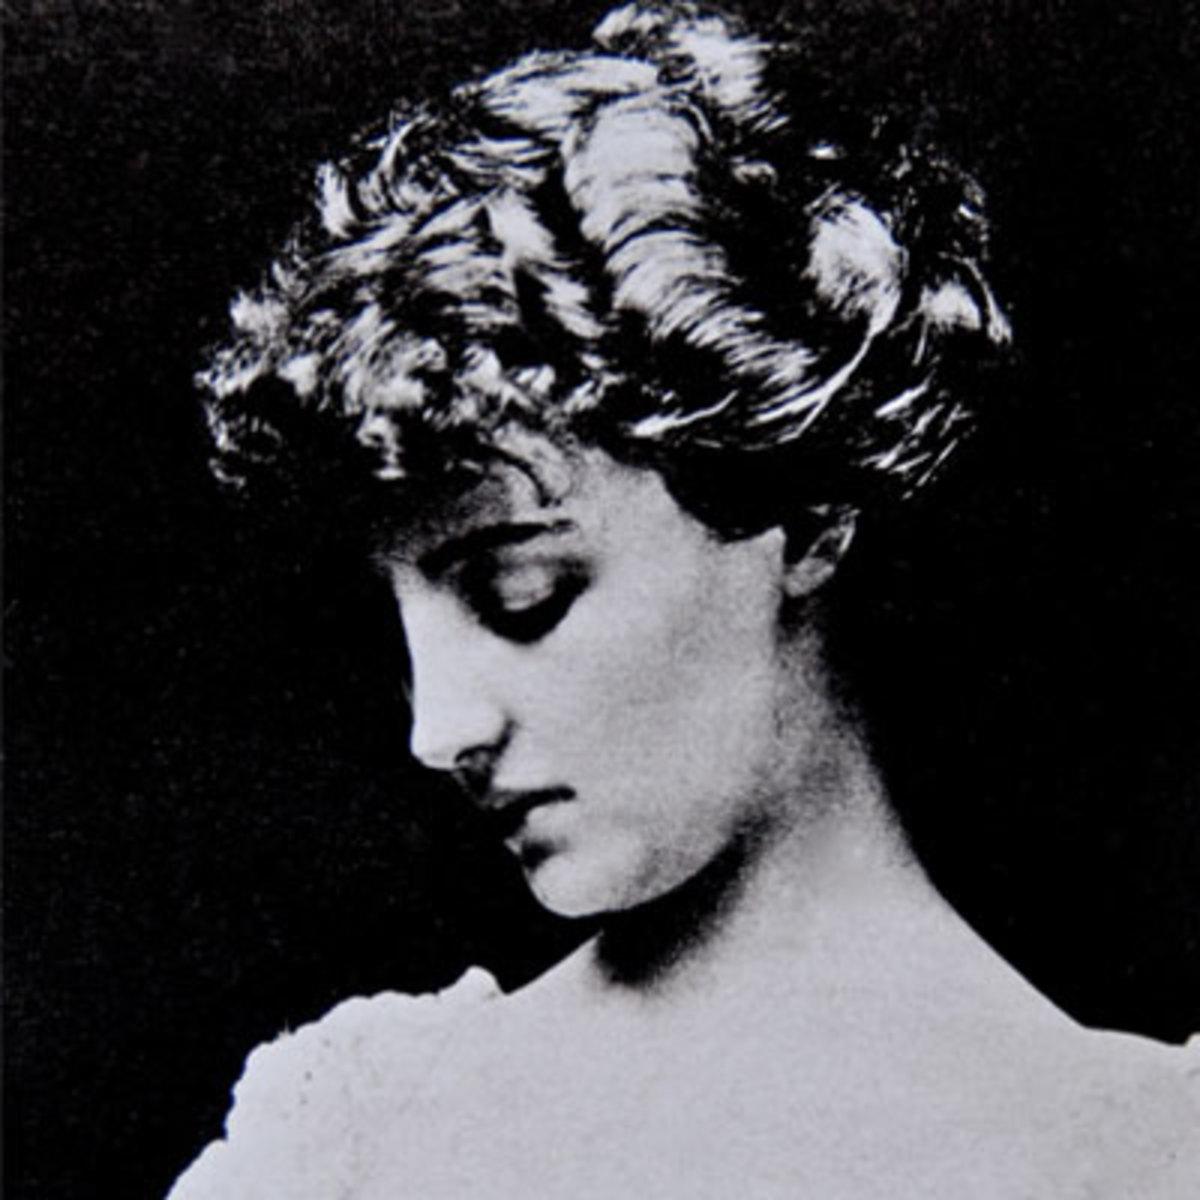 Gladys Deacon as a debutante